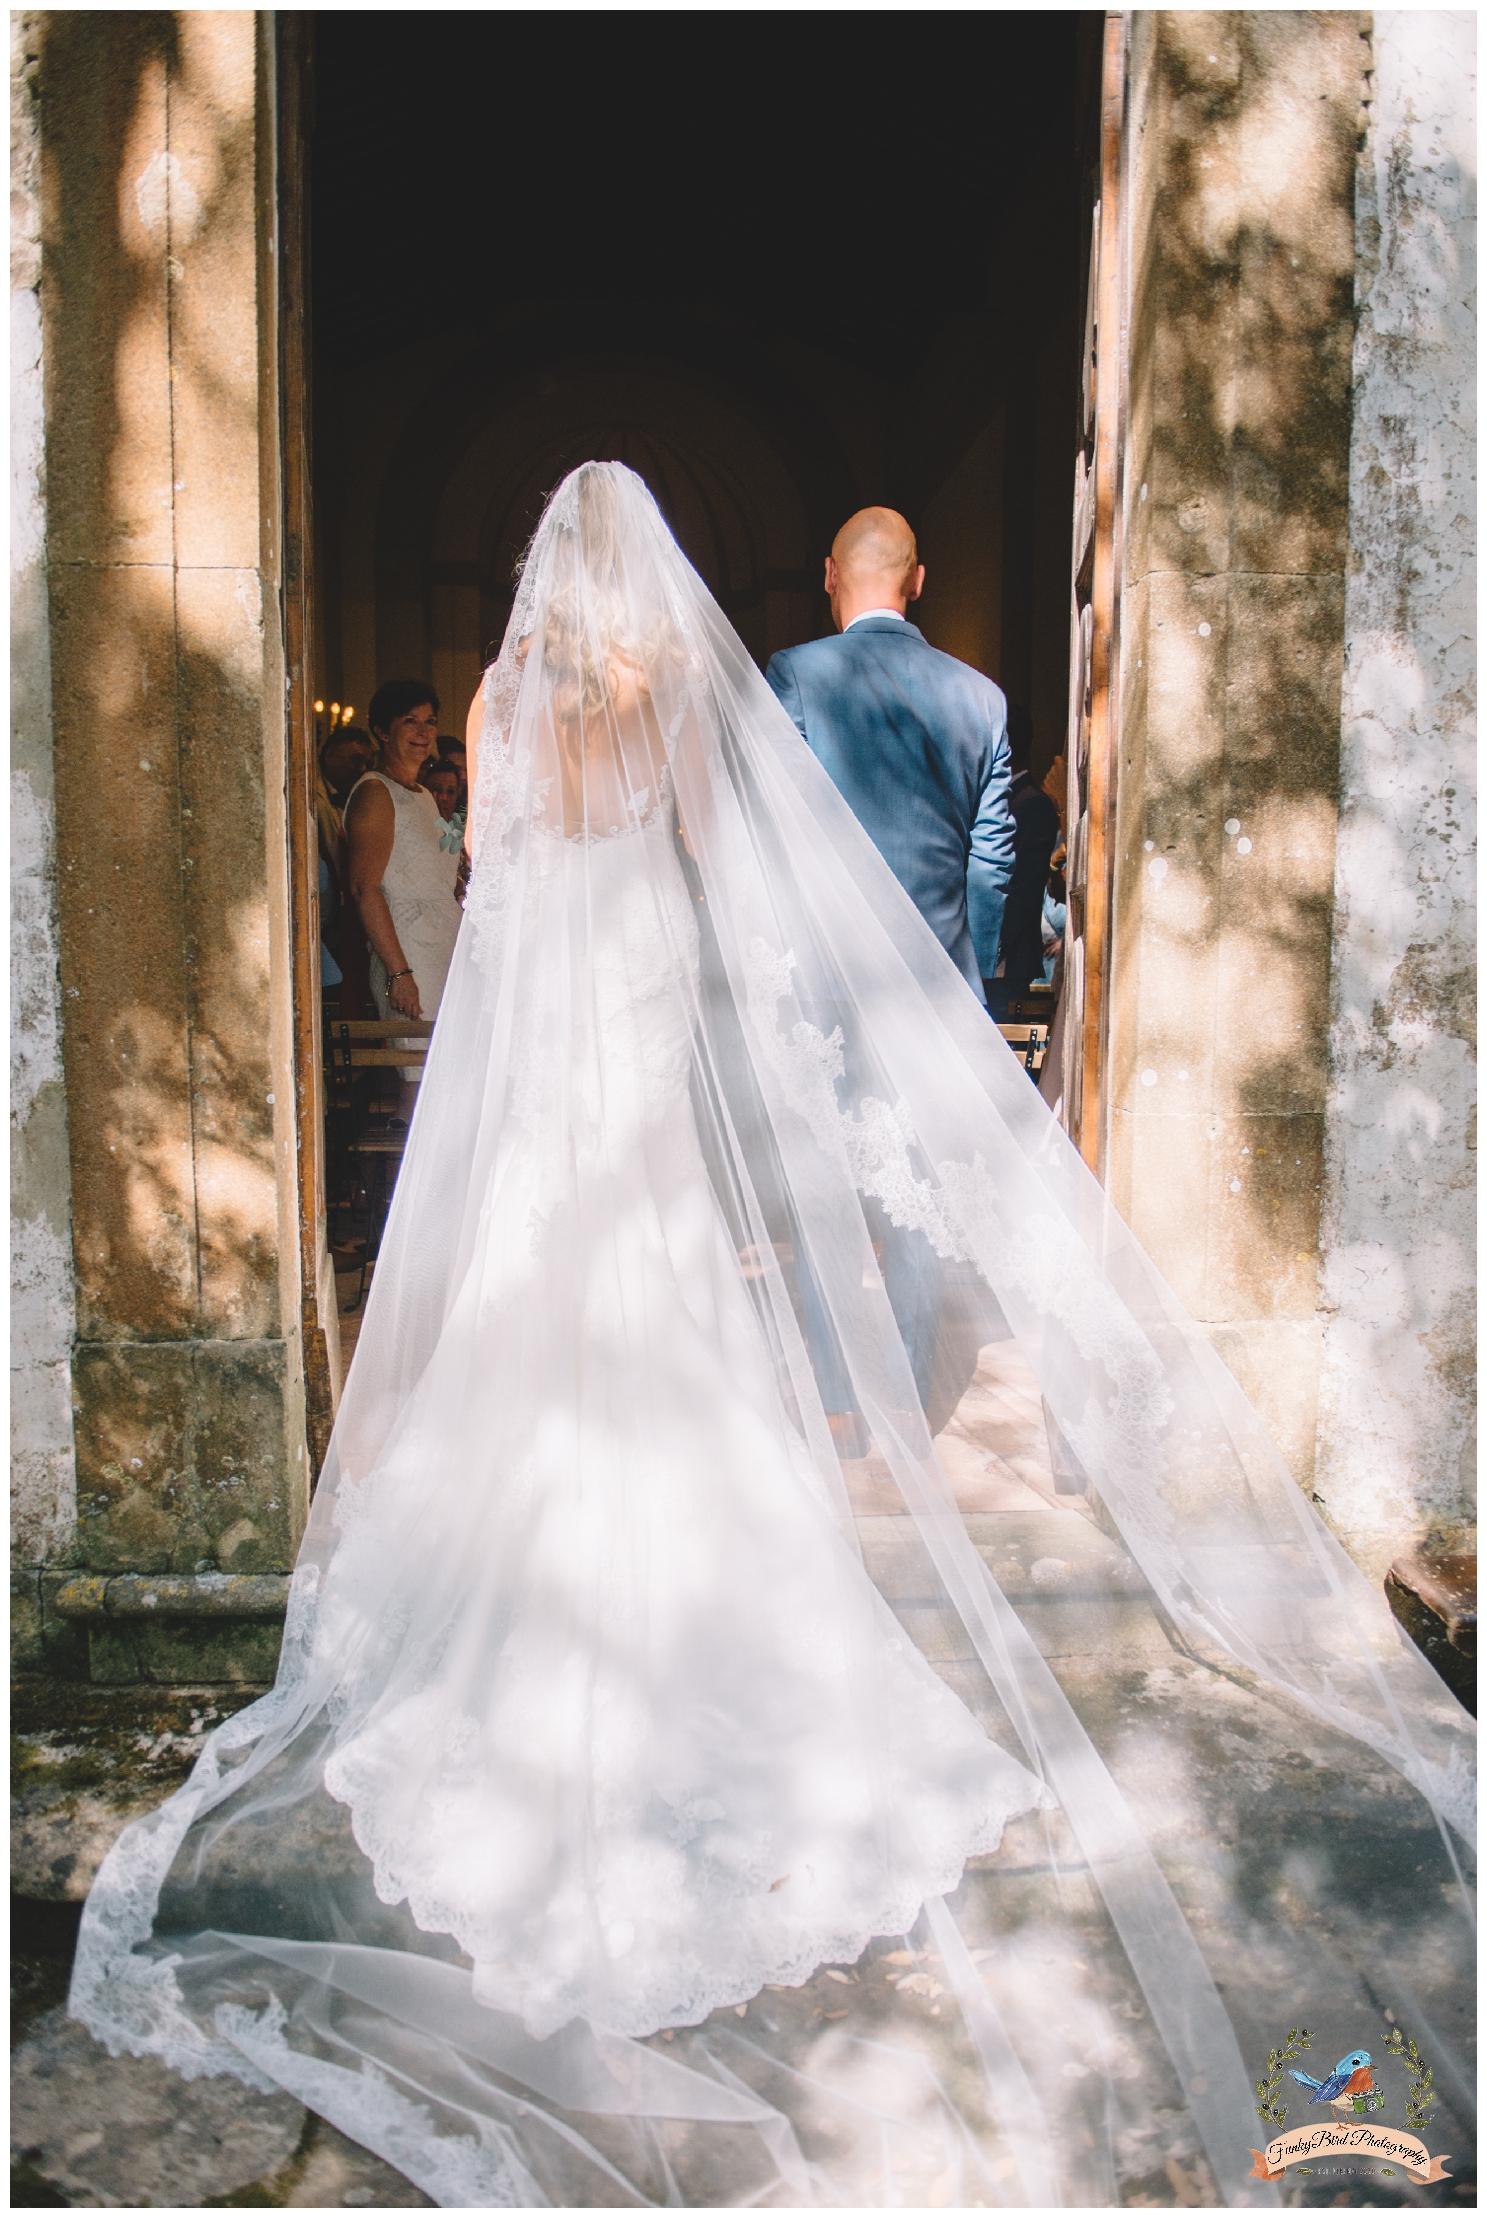 Wedding_Photographer_Tuscany_Florence_Italy_27.jpg